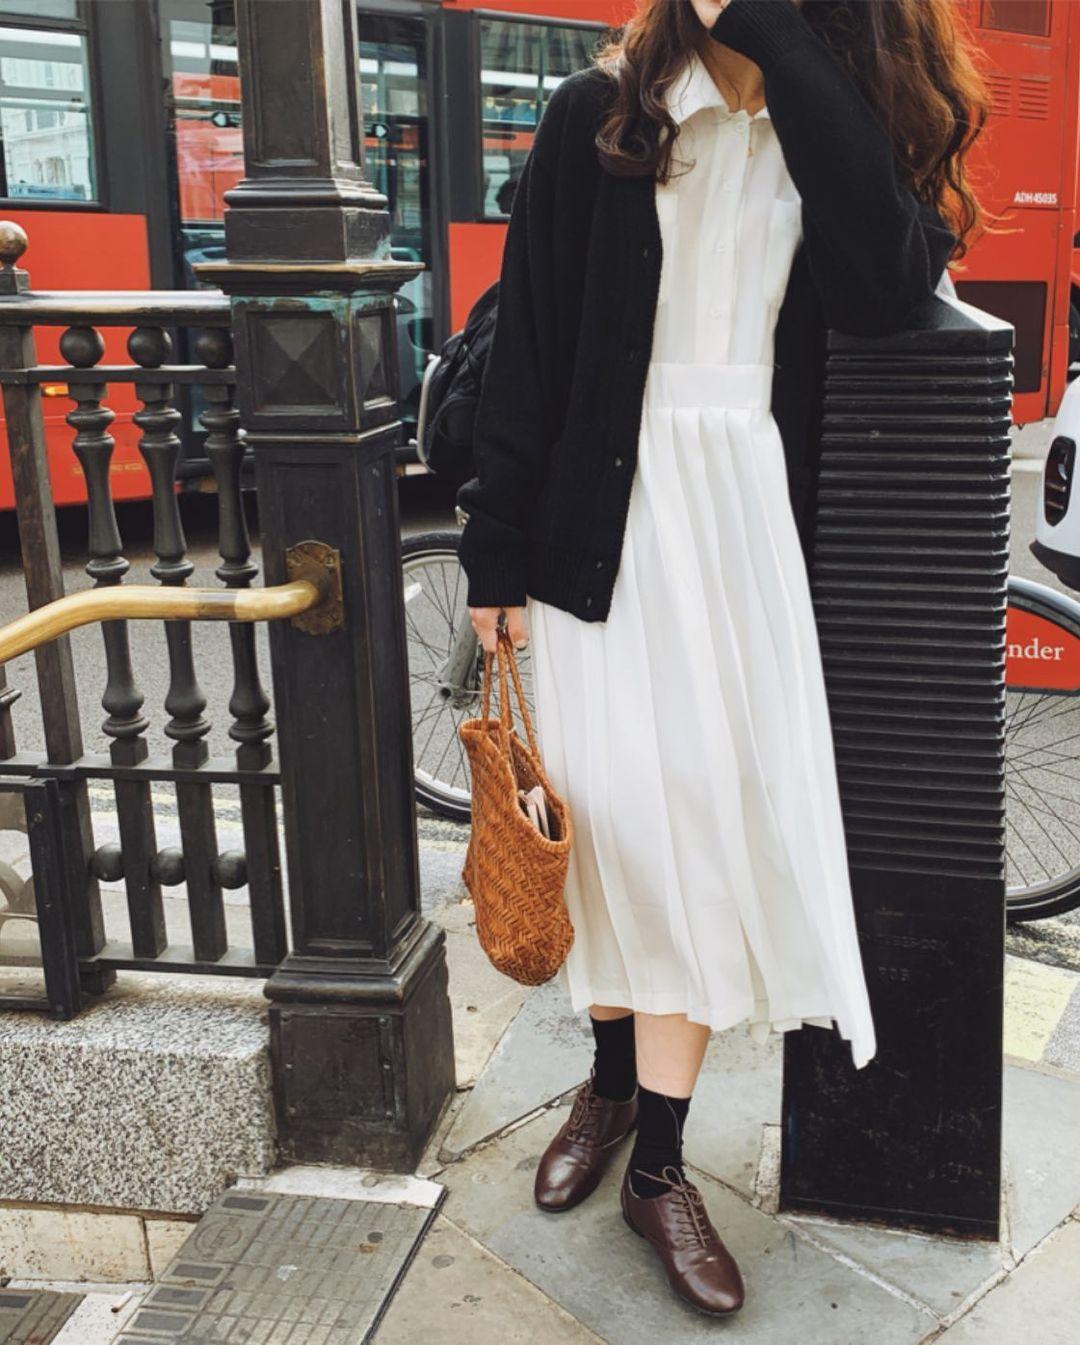 5 kiểu áo cứ khoác ngoài váy trắng là tạo nên set đồ xịn đẹp từ công sở ra phố 5